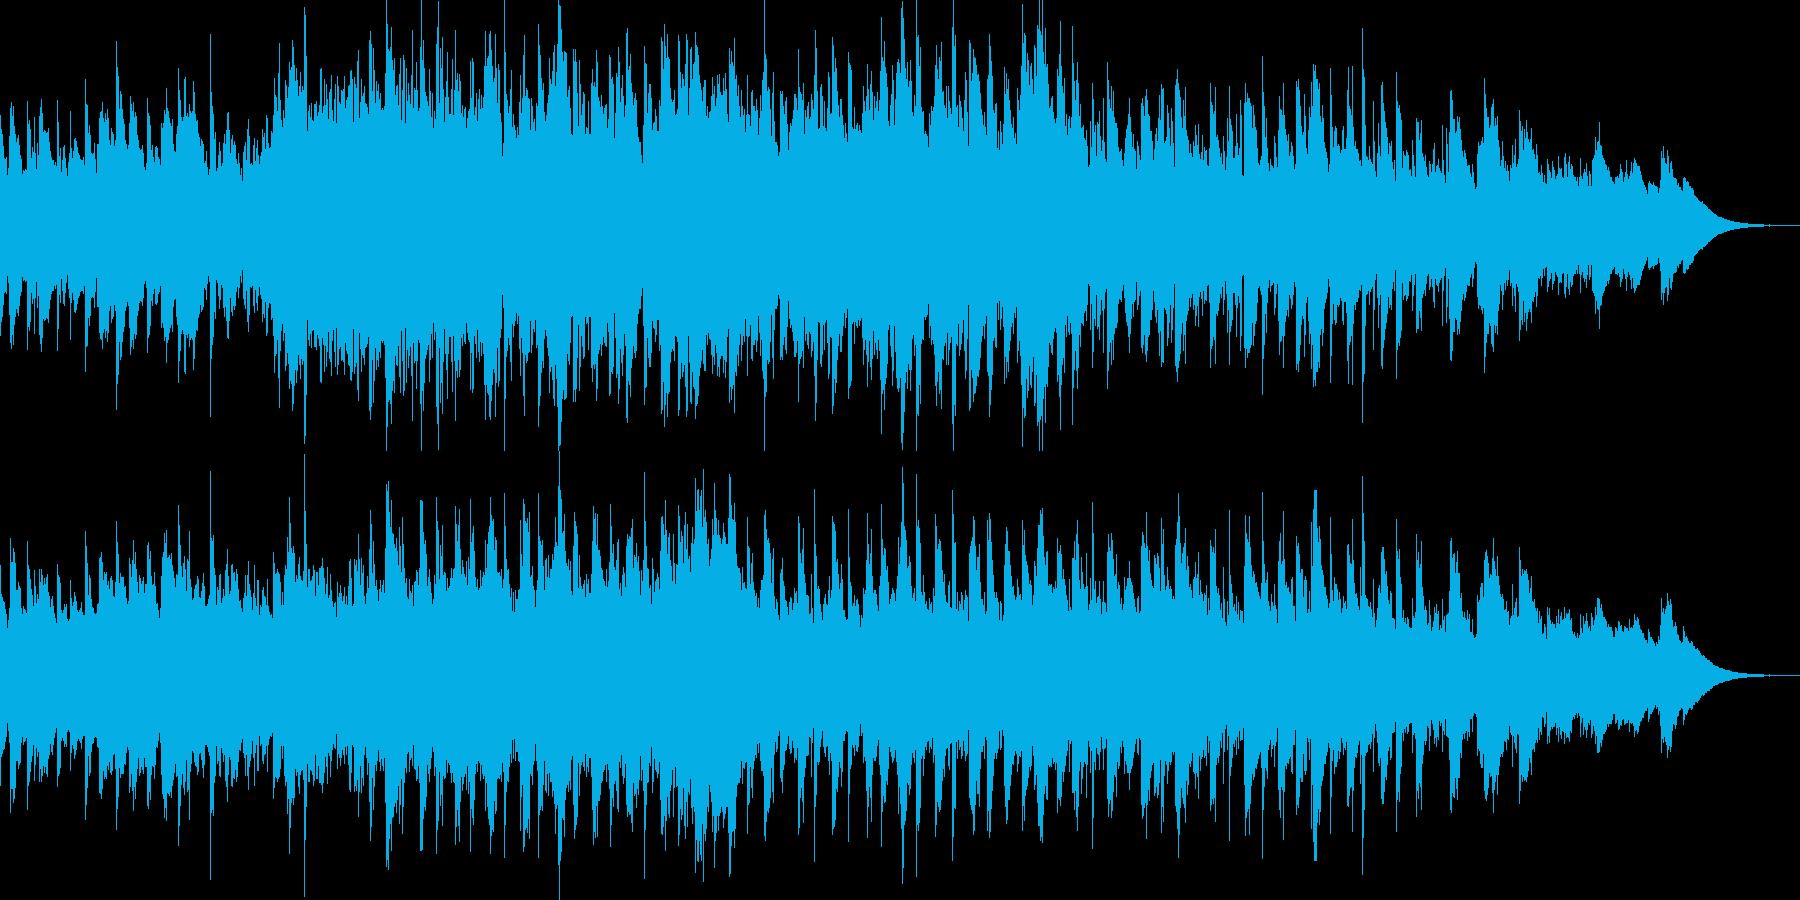 アジアンで前衛的な雰囲気のサウンドの再生済みの波形